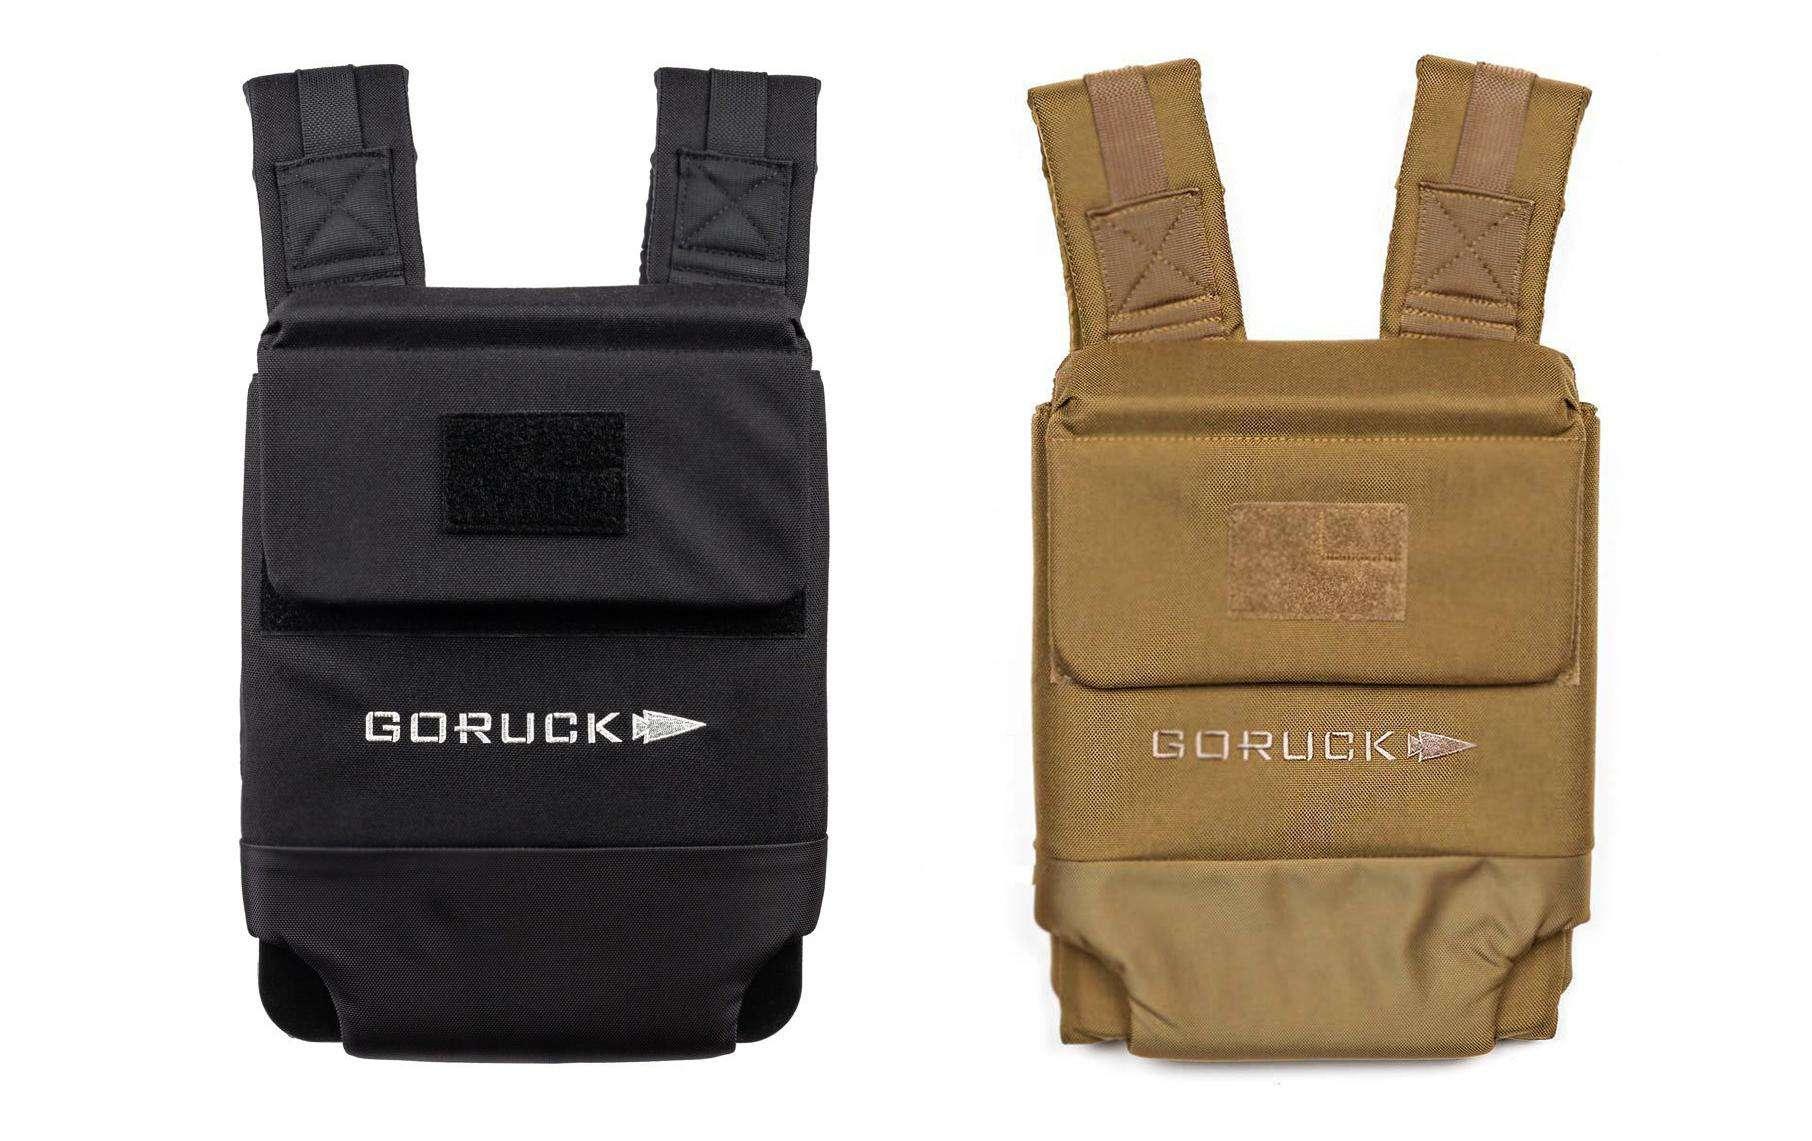 GORUCK Training Weight Vest